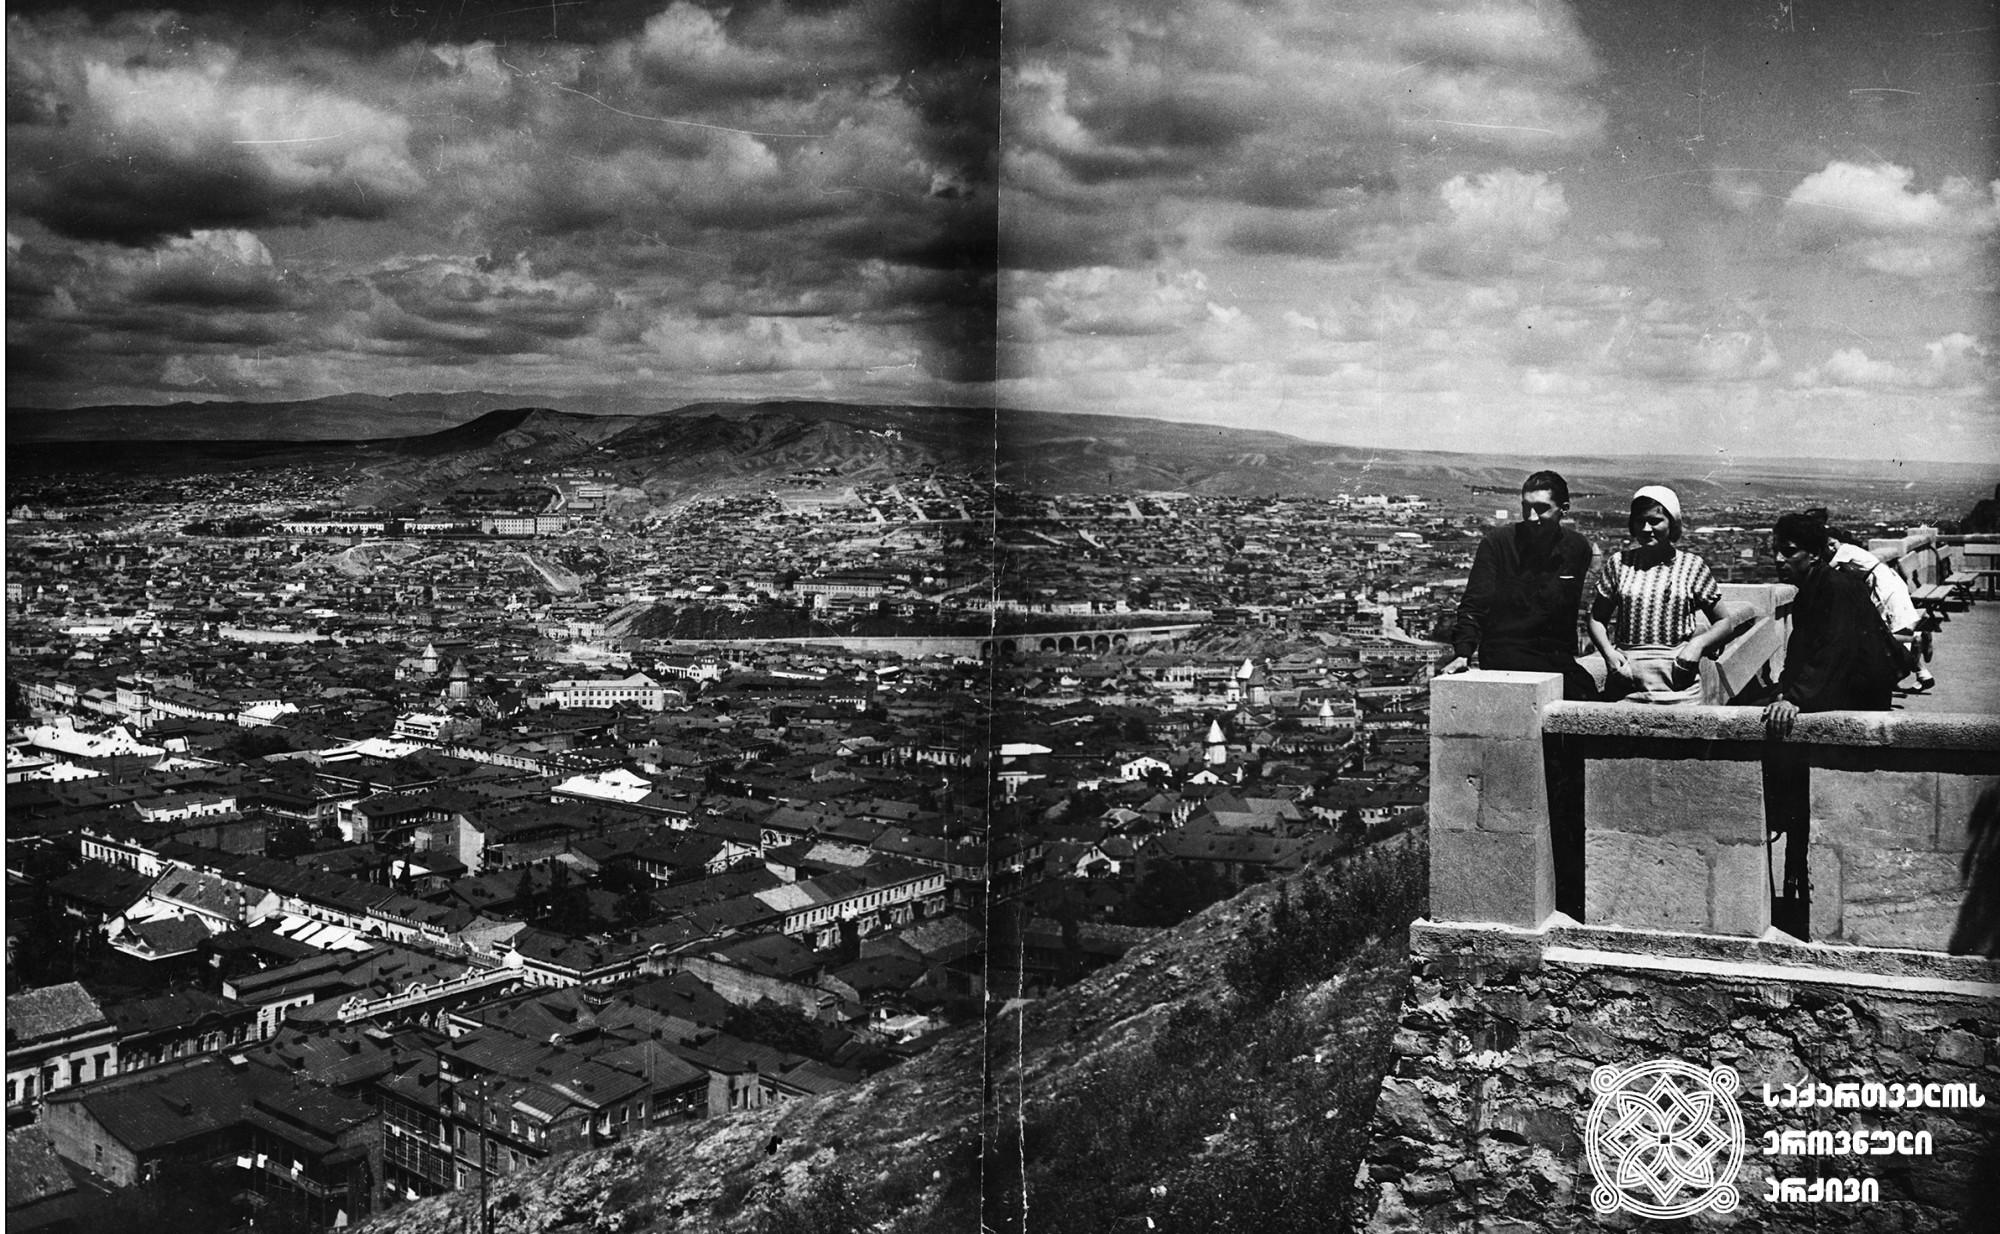 თბილისის ხედი სტალინის სახელობის პარკიდან (დღევანდელი მთაწმინდის პარკი). თბილისი. <br>ფოტო: დ. კოზლოვი. <br>1957. <br>View of Tbilisi from Stalin Park (Today Mtatsminda Park). Tbilisi. <br> Photo by D. Kozlov.<br> 1957